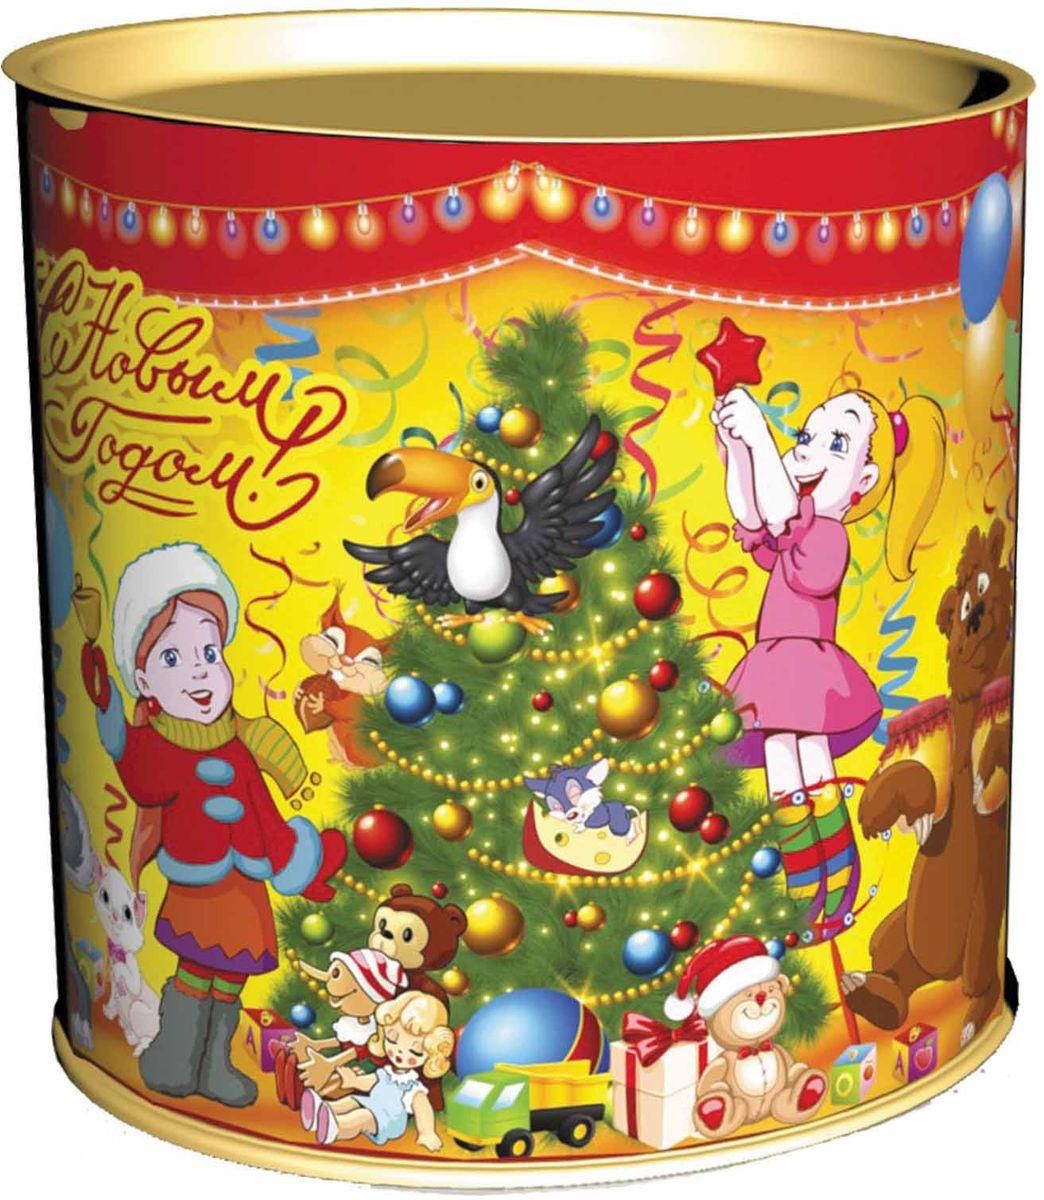 Сладкий новогодний подарок Веселая компания, в тубе, 300 г1570Сладкие новогодние подарки в тубах являются необычным выбором. Туба как вид упаковки является комбинированным типом, т. к. состоит из картонно-навивного корпуса и жестяных оснований. Такое соединение создает очень прочную и красочную упаковку для новогодних подарков. Сладкий Новогодний подарок «Туба Веселая компания» 300 гр. очарует любого малыша своей яркой, разноцветной упаковкой, а прекрасно подобранный состав кондитерских изделий от самых известных производителей позволит в полной мере насладиться праздником. Прекрасный вариант поздравления детей на утренниках в детских садах и школах.